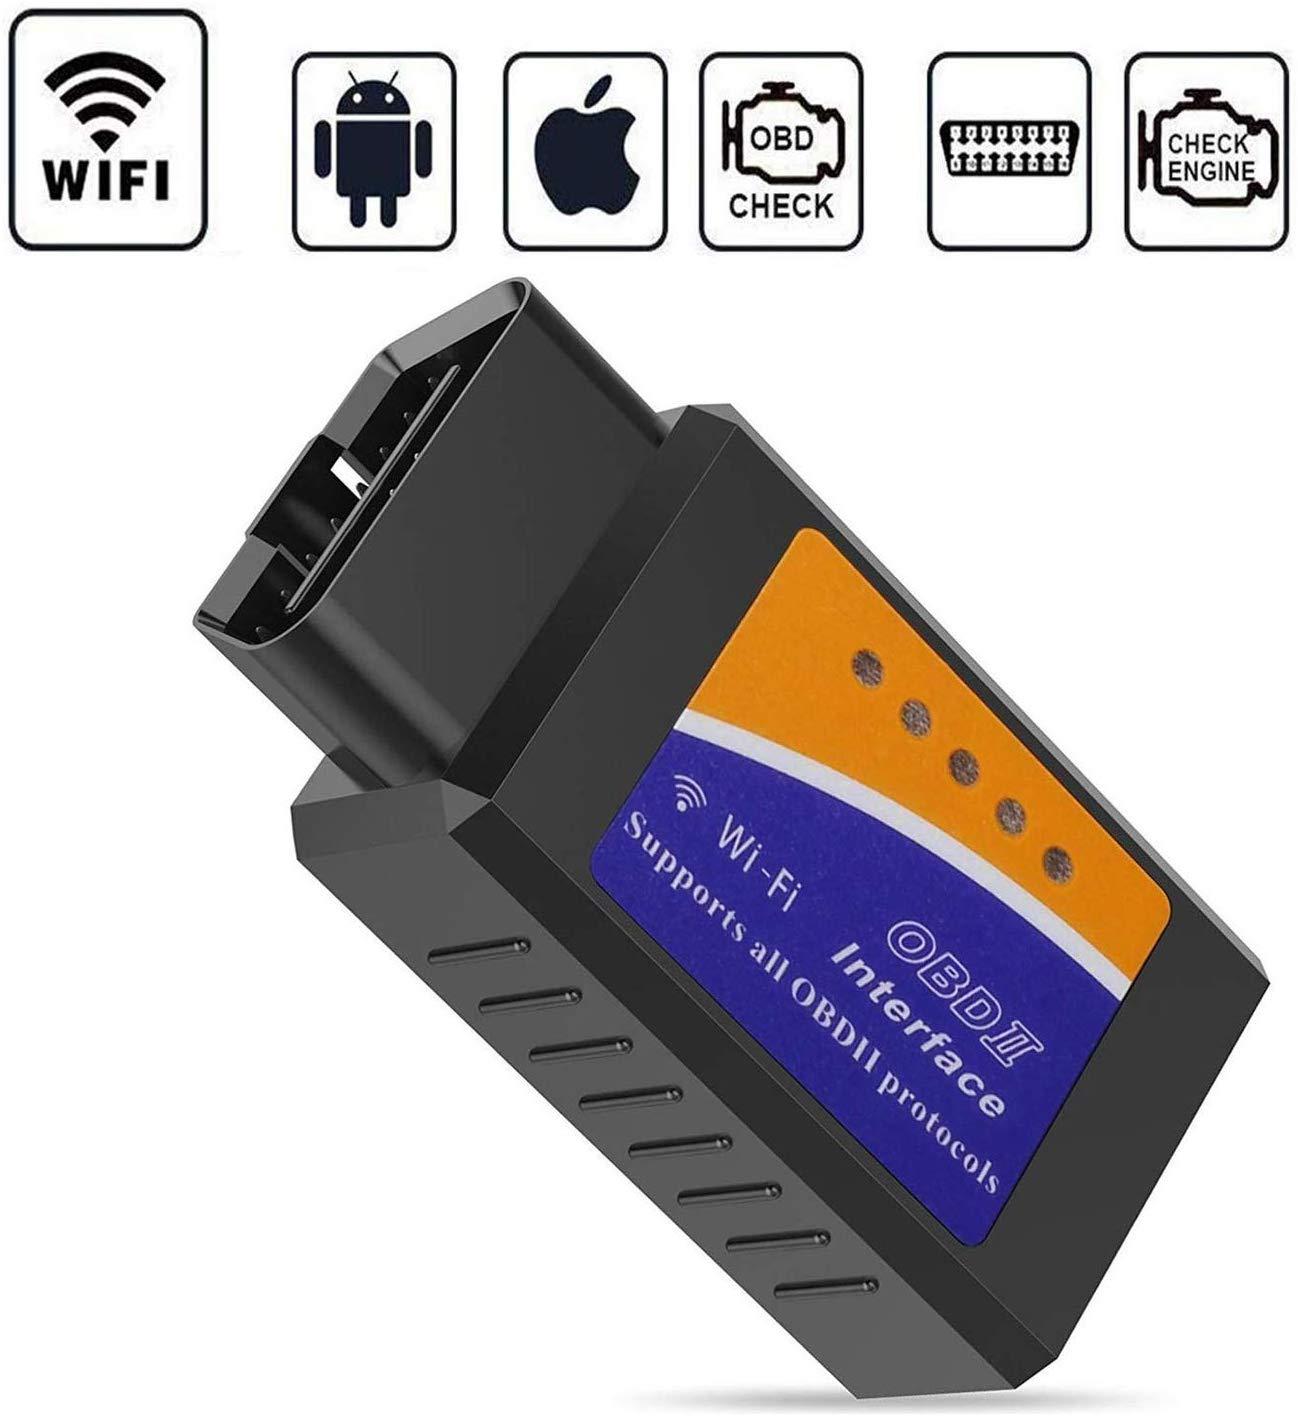 GeekerChip Elm327 WiFi OBDII, Interface Adaptateur OBD2 Lecteur de Code Outil de, Diagnostic sans Fil avec Original Puce Soutien,Compatible aveciOS/Android/PC